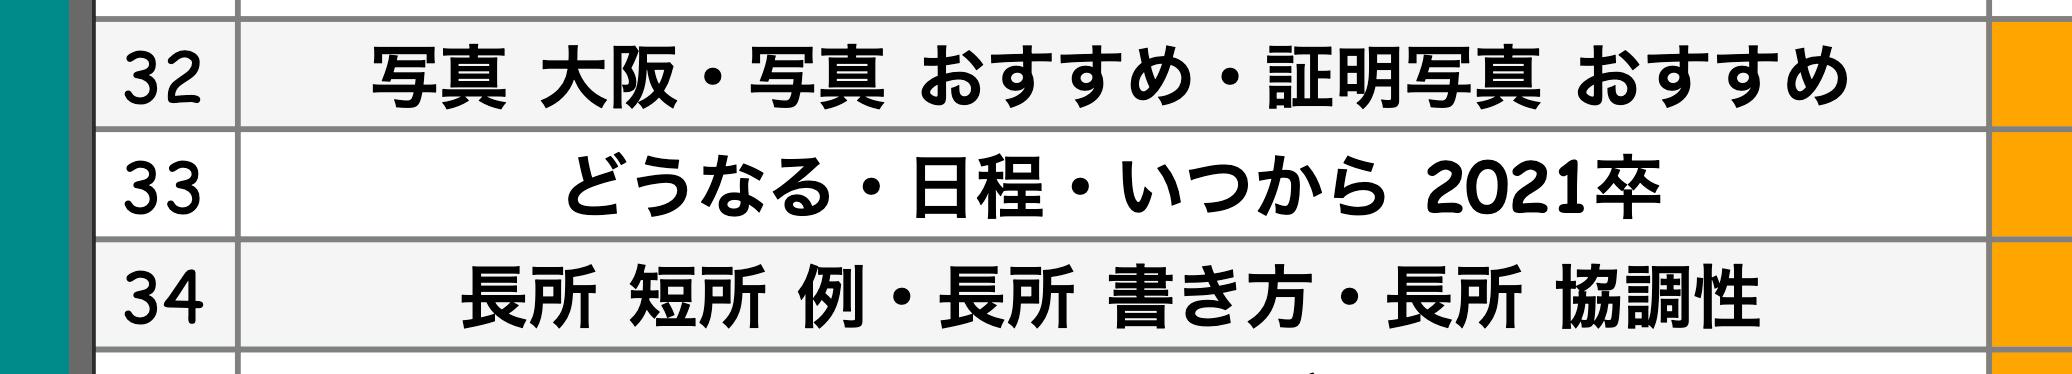 スクリーンショット 2019-03-20 0.29.00.png